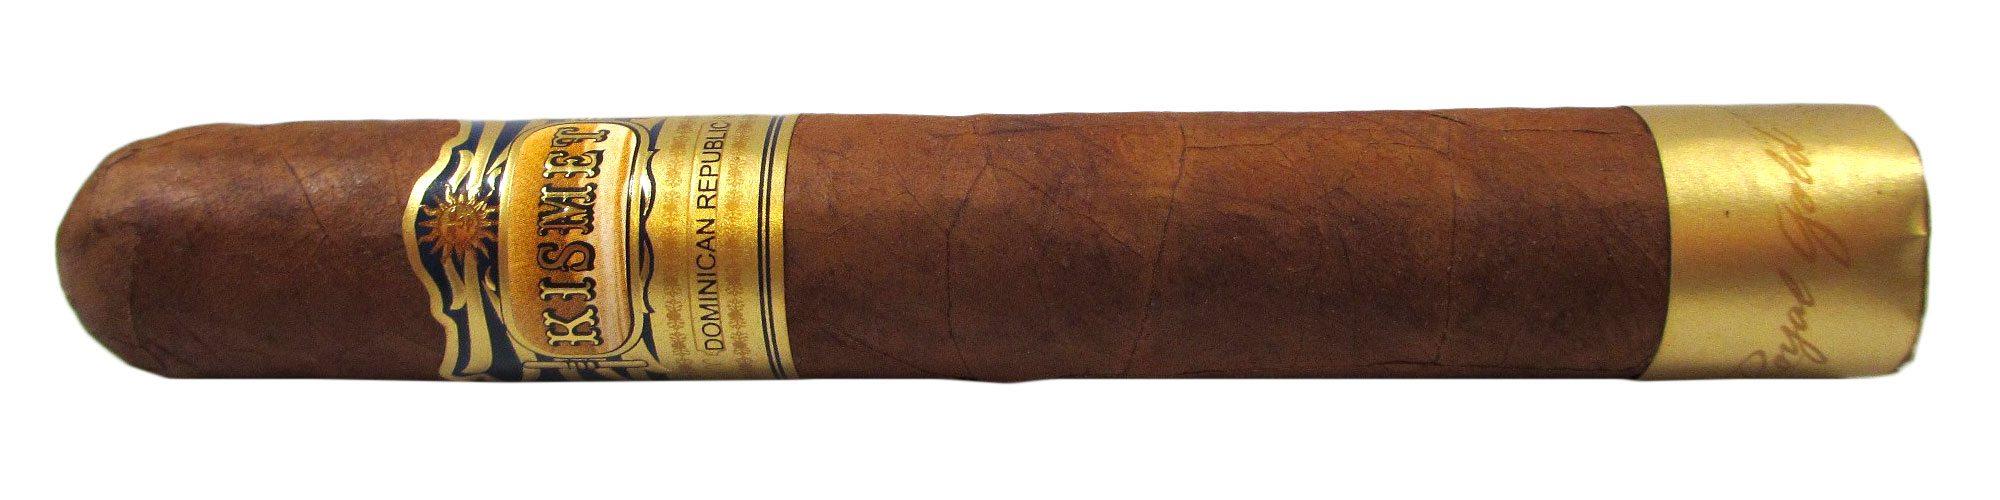 Blind Cigar Review – Revisited: Royal Gold | Kismet Fate